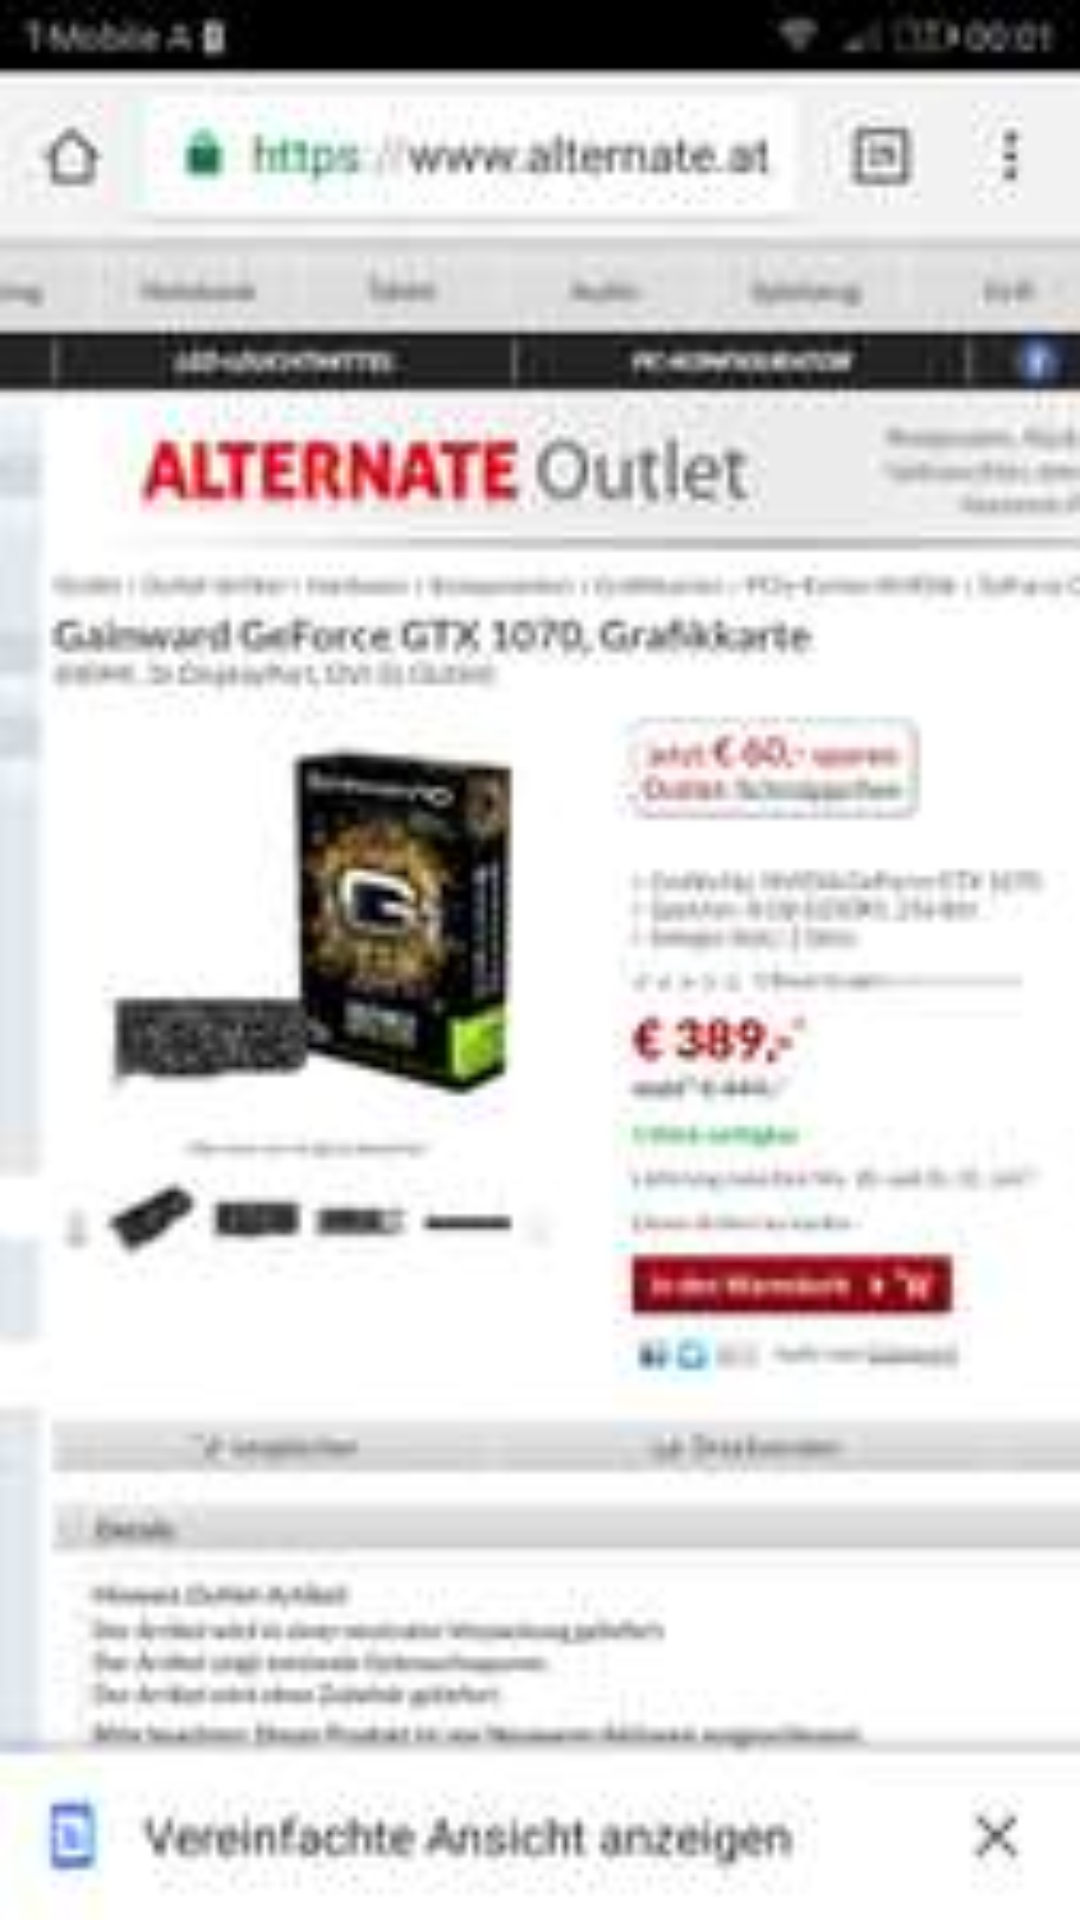 GTX 1070 um 389 Bestpreis - Gebrauchtware/B-Ware